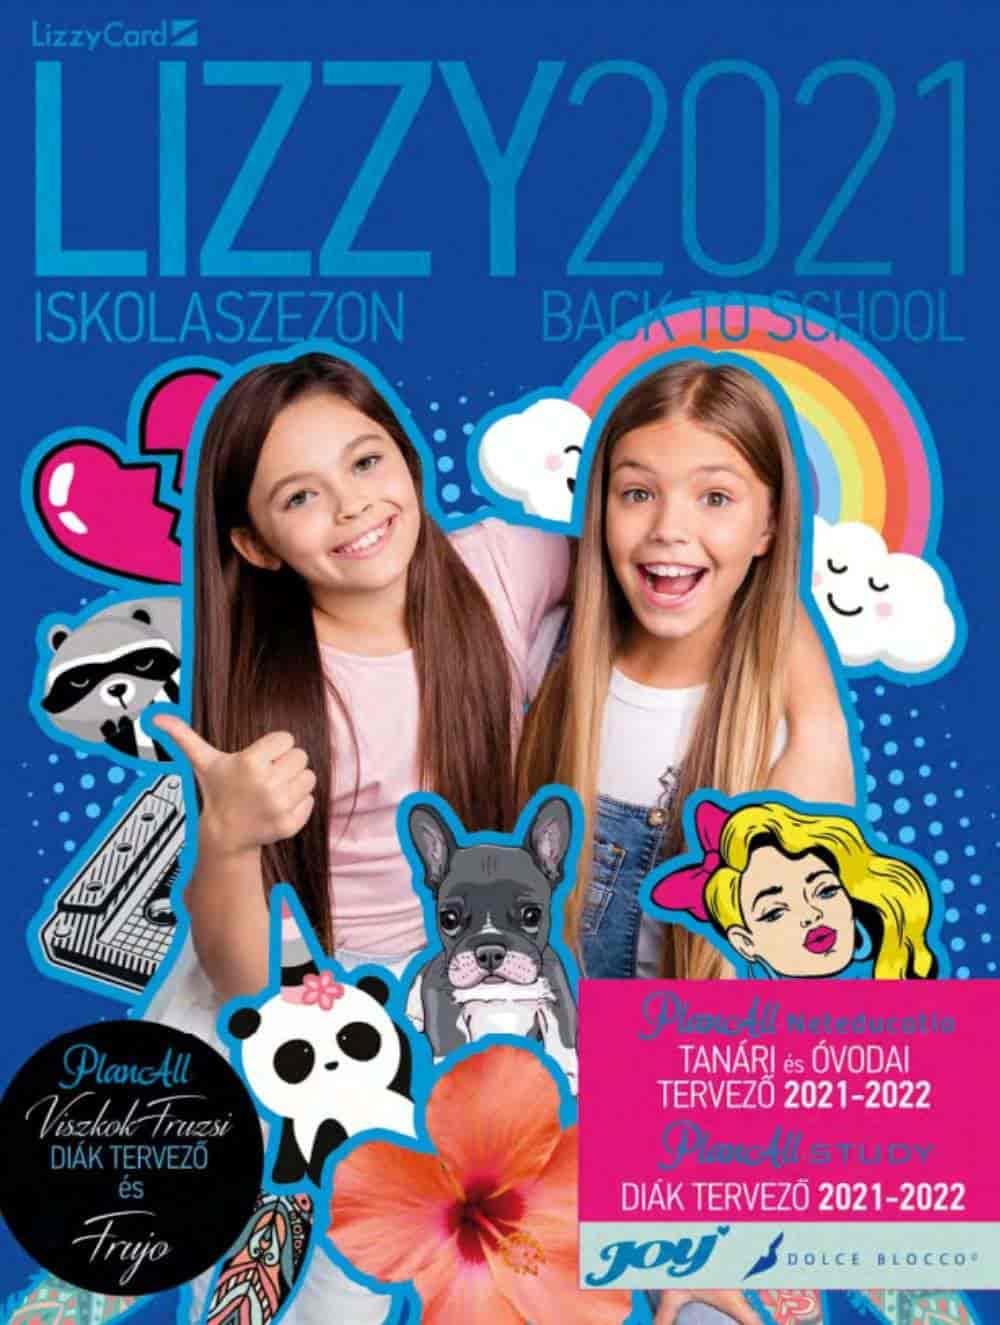 Lizzy Card iskolaszer katalógus 2021.